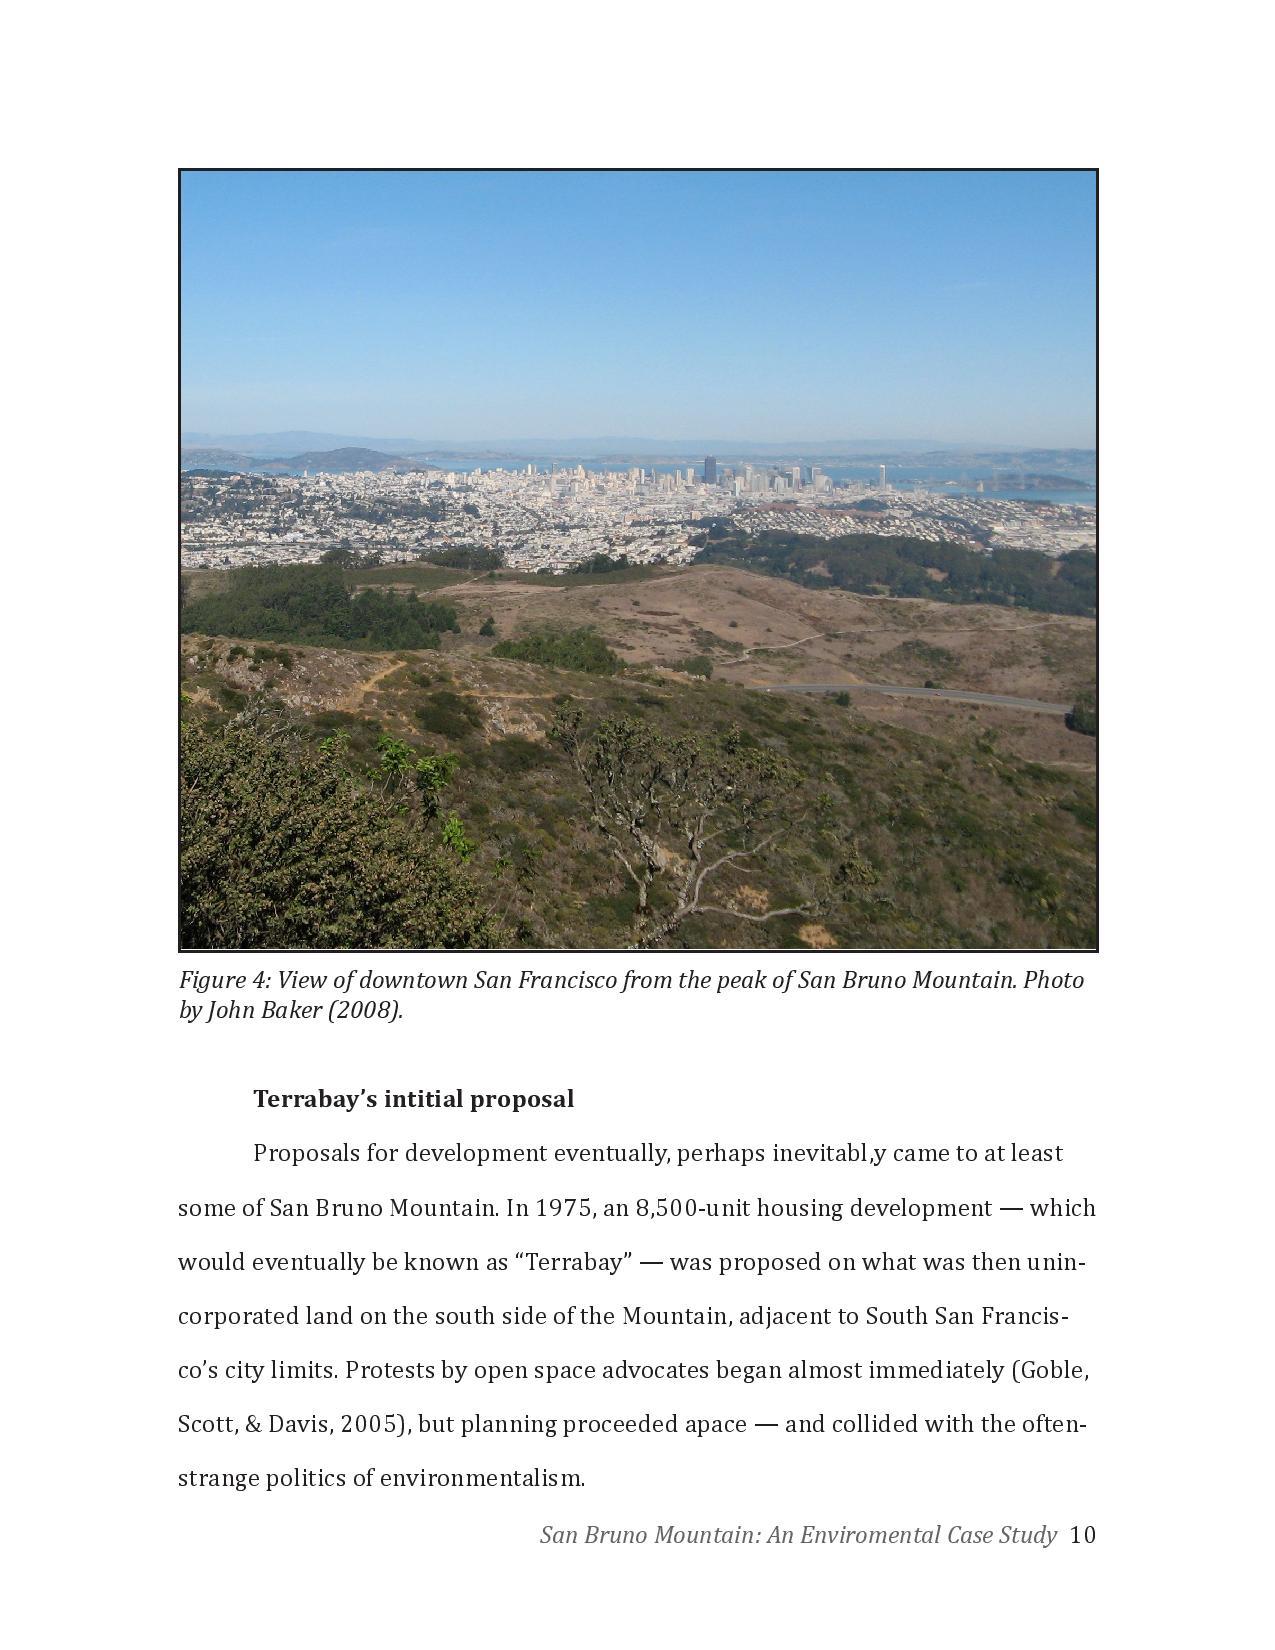 SBM An Environmental Case Study J Baker-page-010